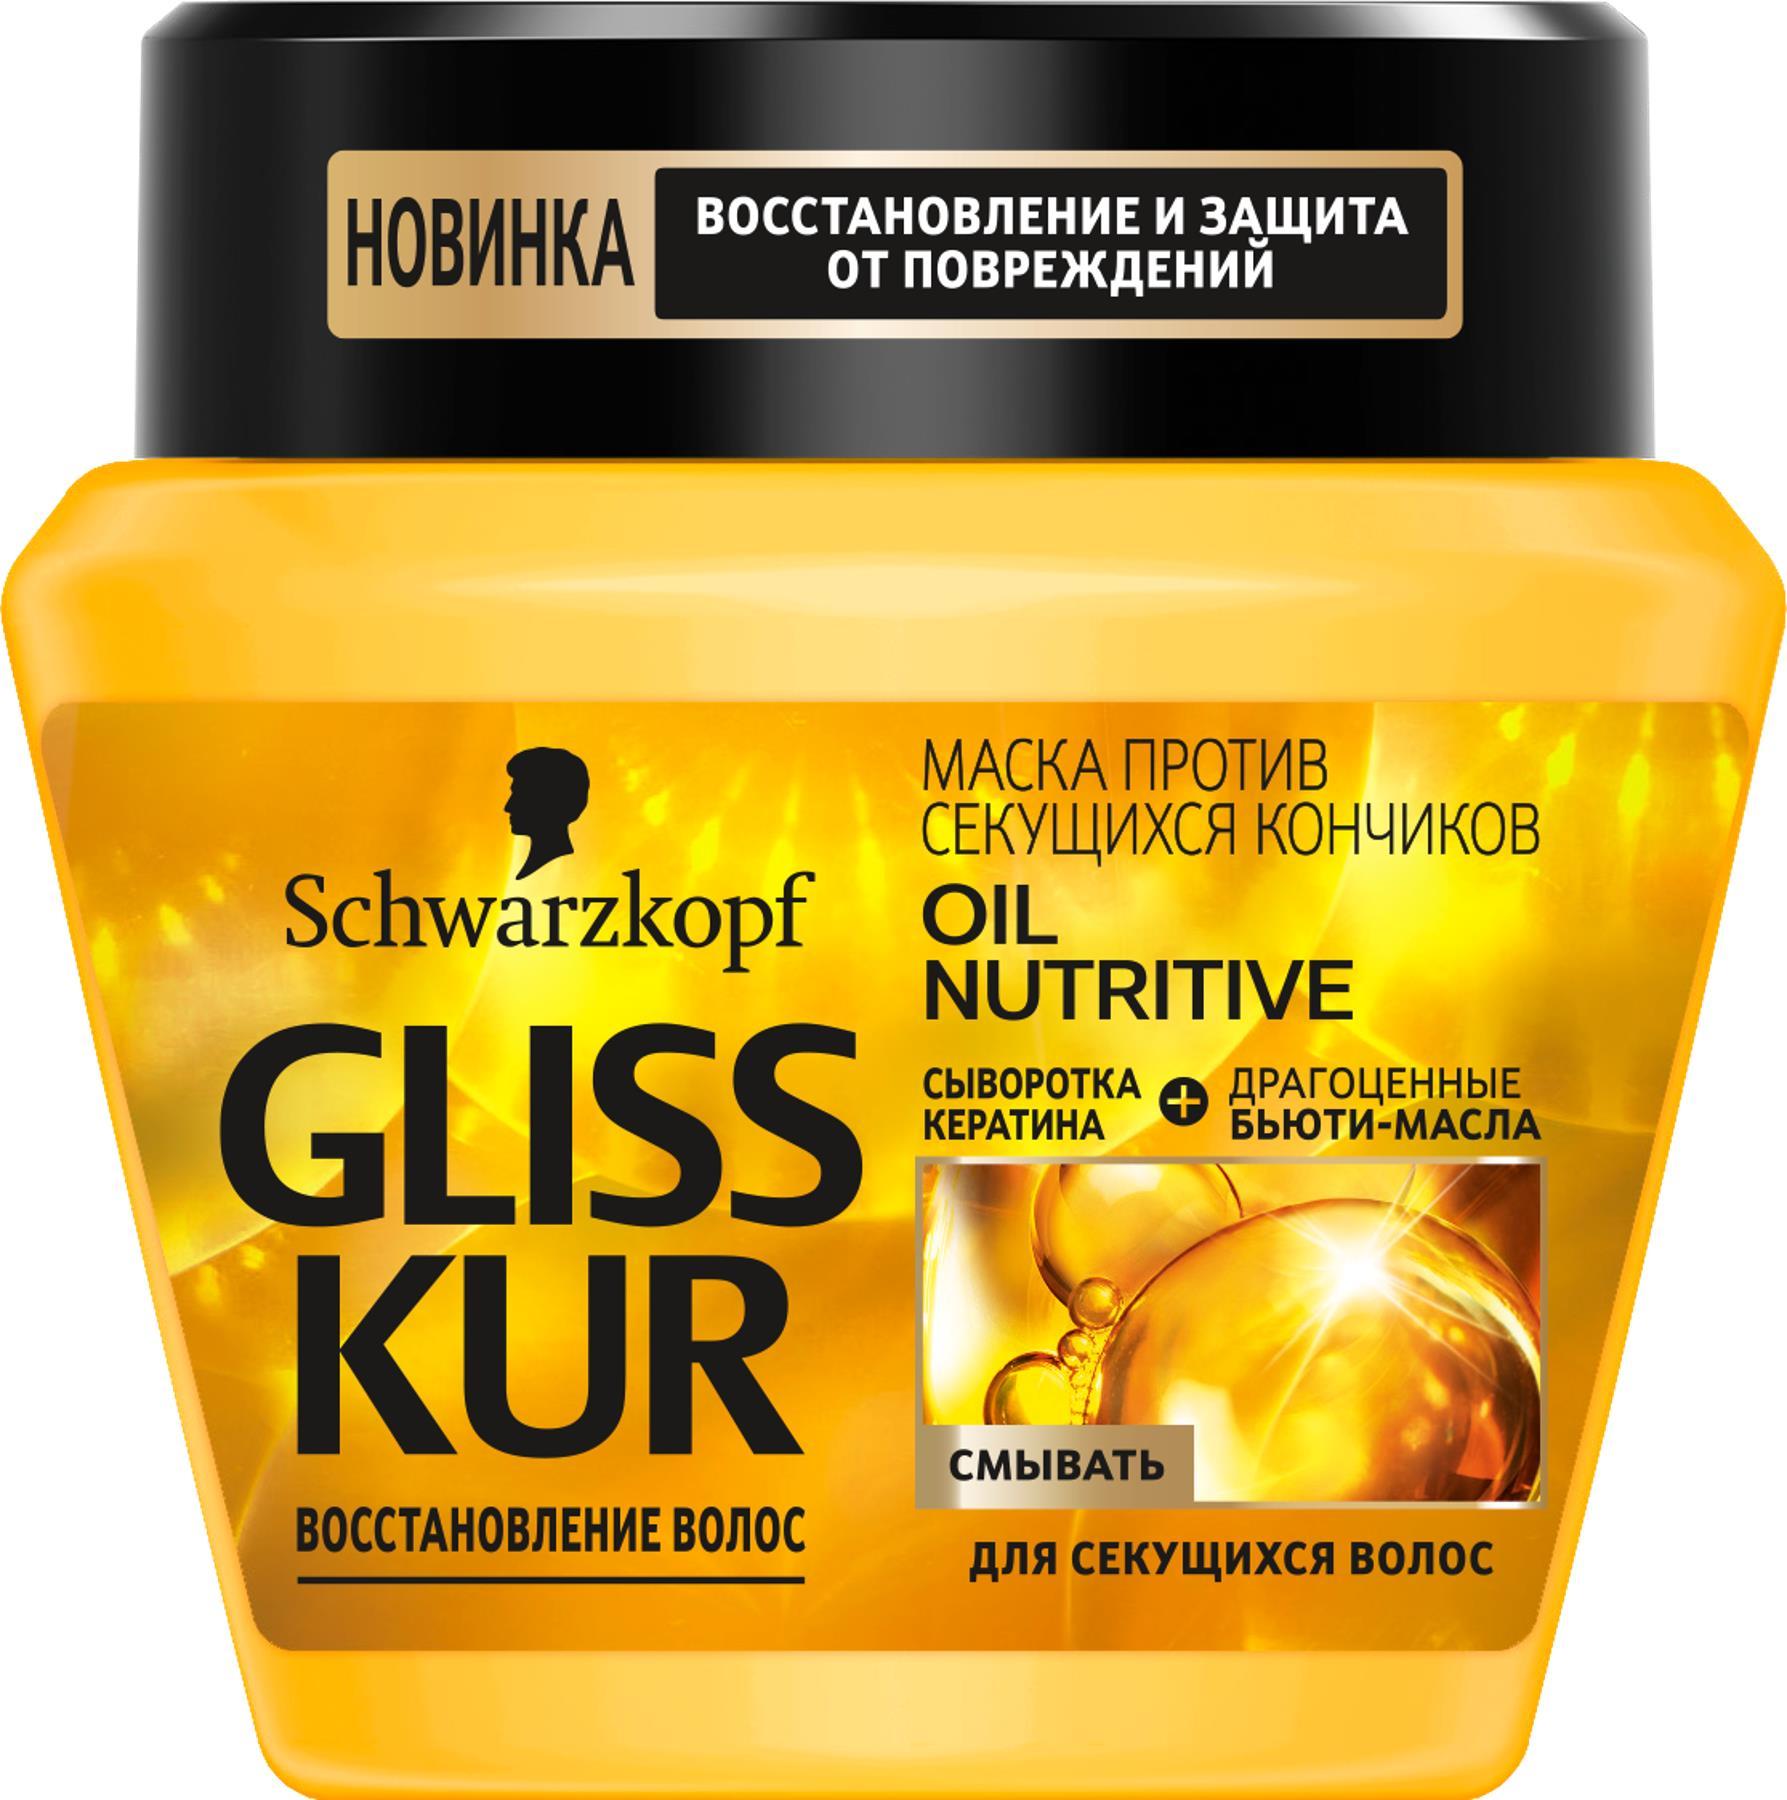 Gliss Kur Маска-уход Oil Nutritive, 300 мл2087222Защита от сечения и блеск для длинных секущихся волос Питательный уход с маслами: мгновенная маска OIL NUTRITIVE уменьшает сечение волос. Длинные, секущиеся волосы вновь приобретают здоровый блеск и эластичность.Особая формула с 8